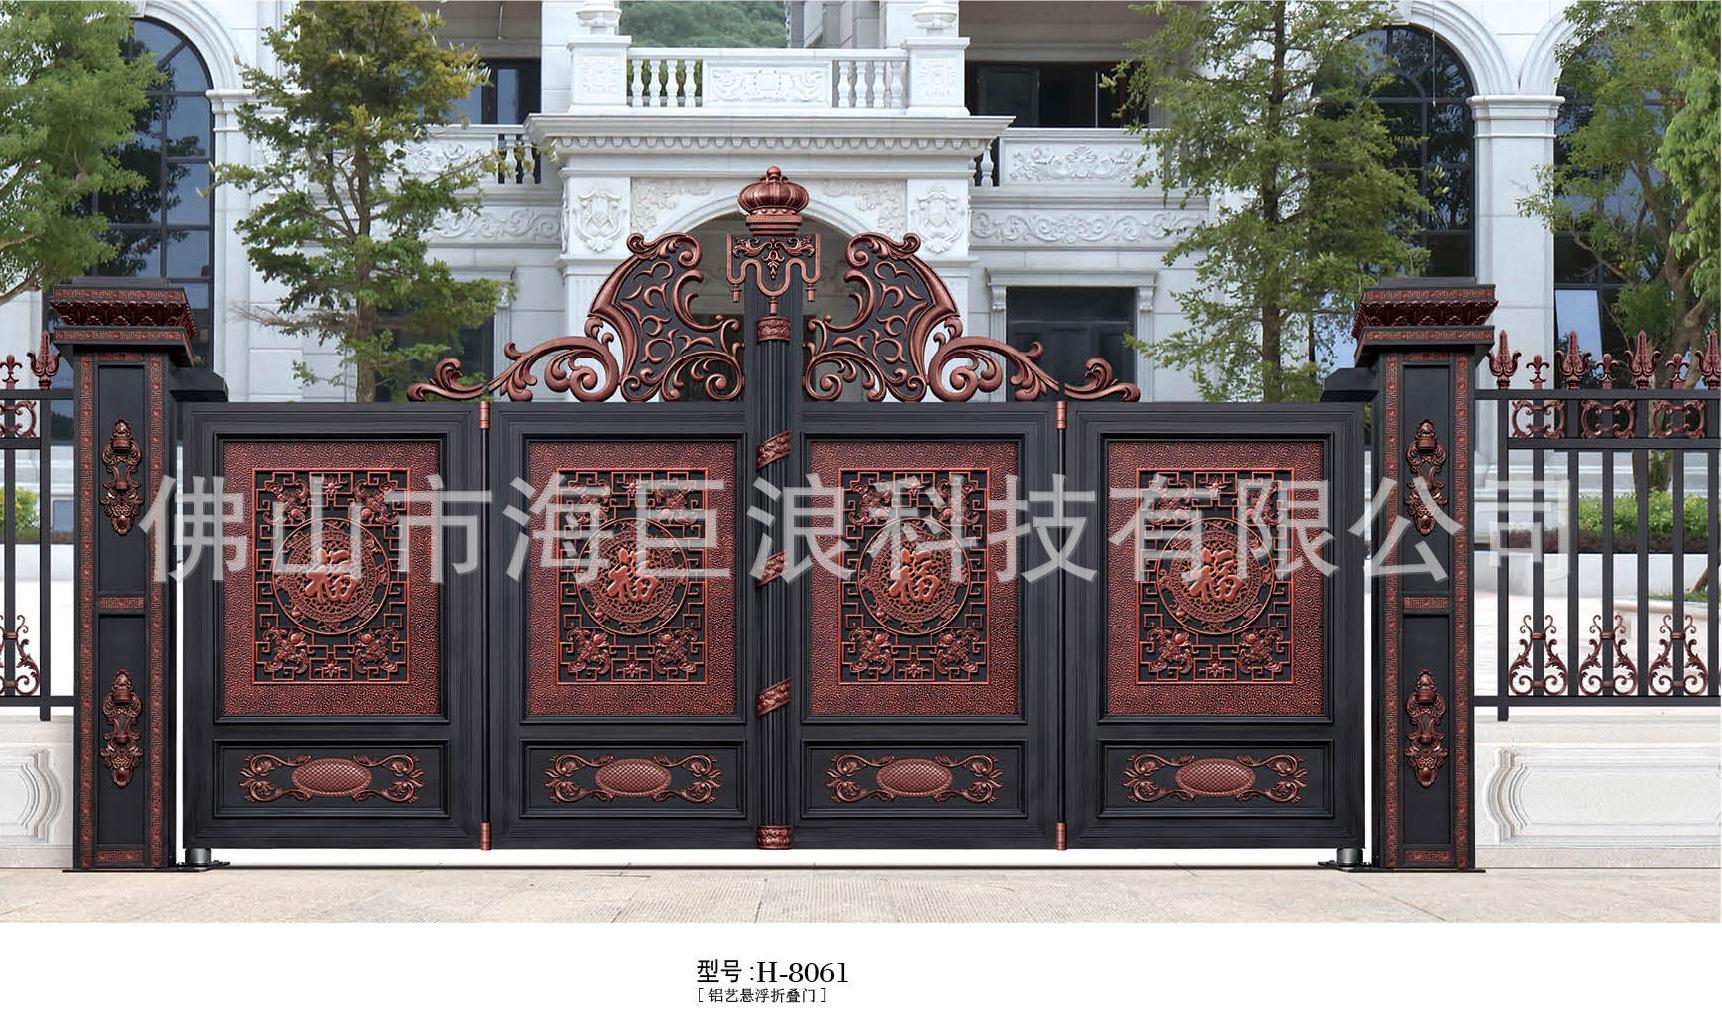 鋁藝懸浮折疊門H-8061.jpg